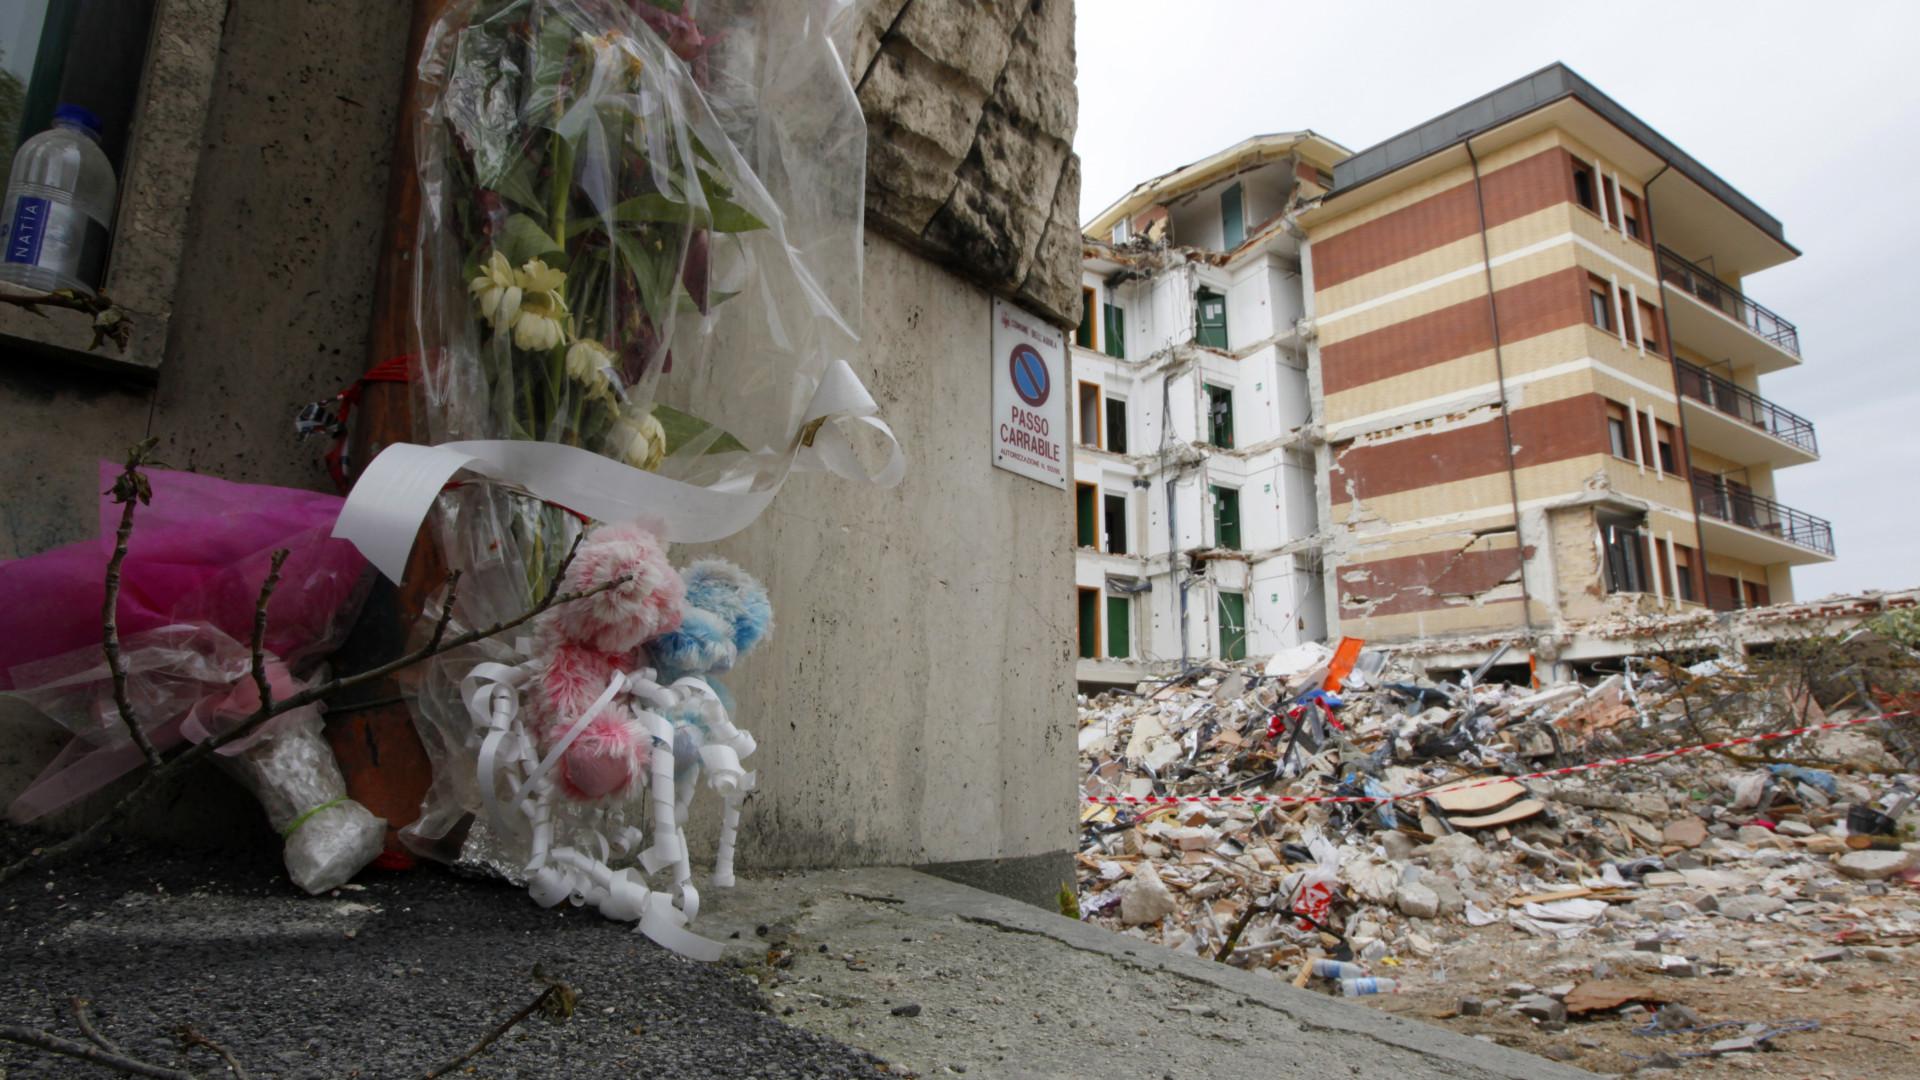 10 anos após terremoto, L'Aquila ainda aguarda reconstrução